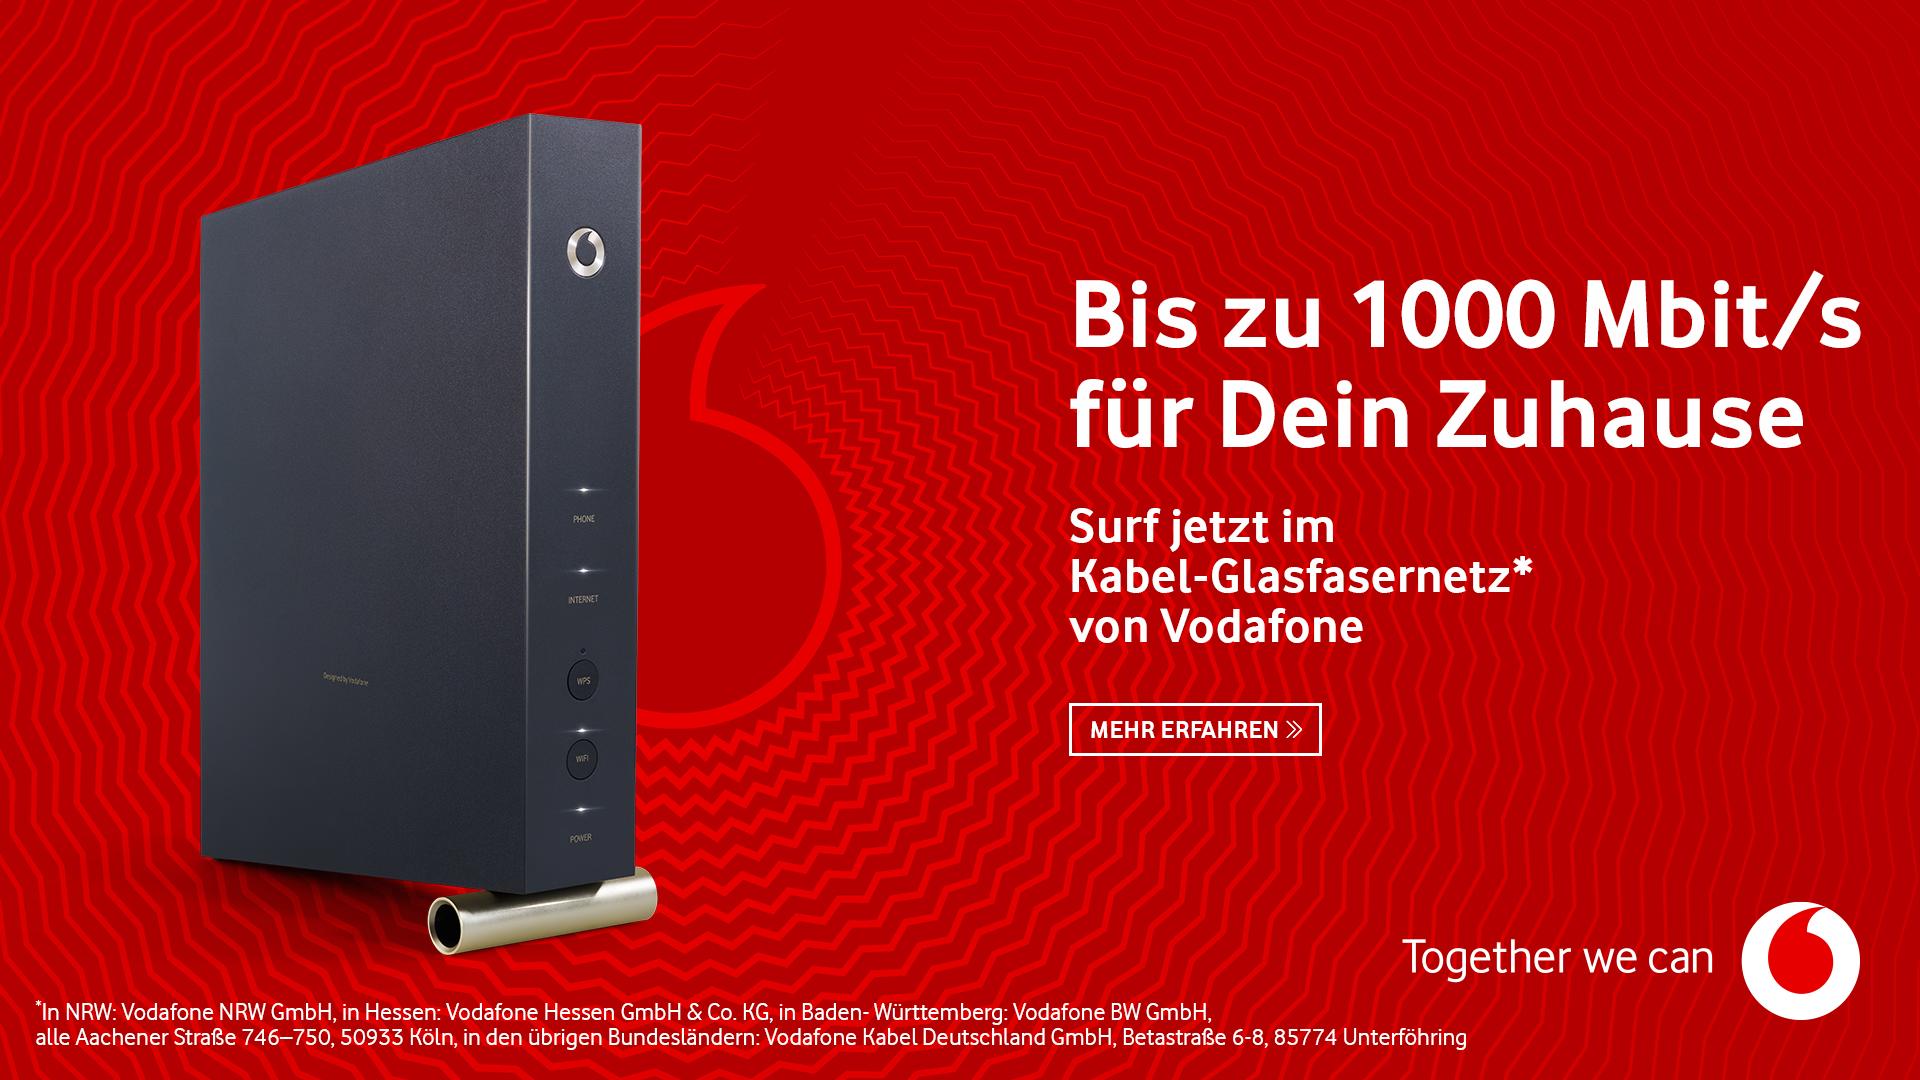 Bis zu 1000 Mbit/s für Dein Zuhause im Vodafone Kabel-Glasfasernetz.